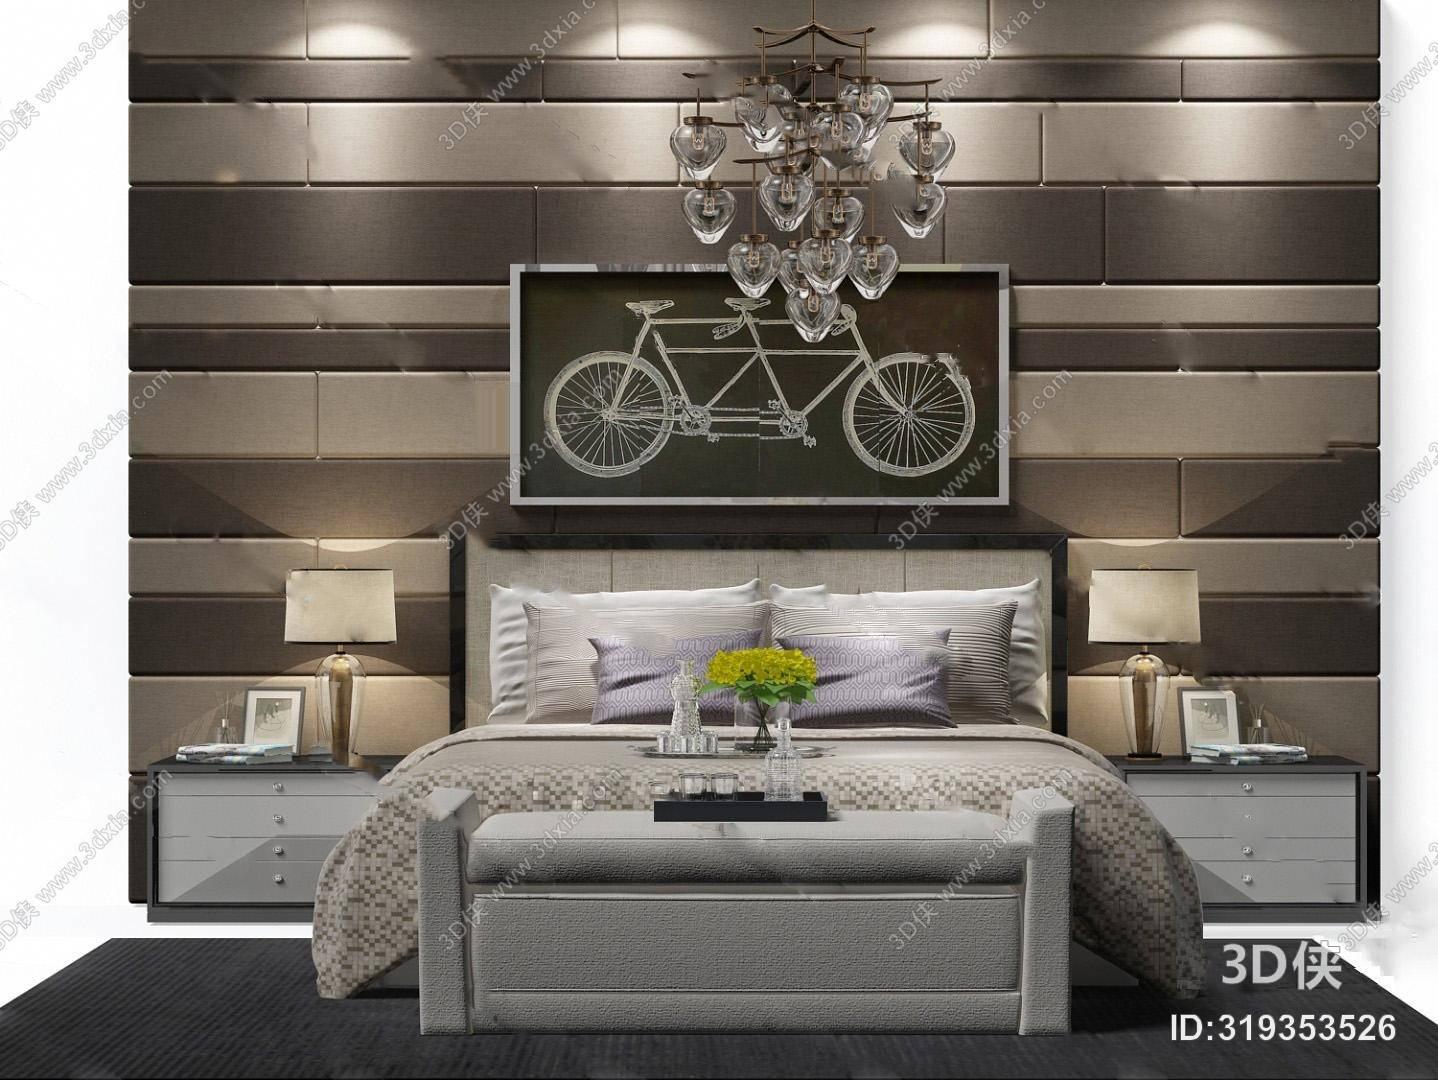 现代双人床3D模型 装饰画 床边柜 台灯